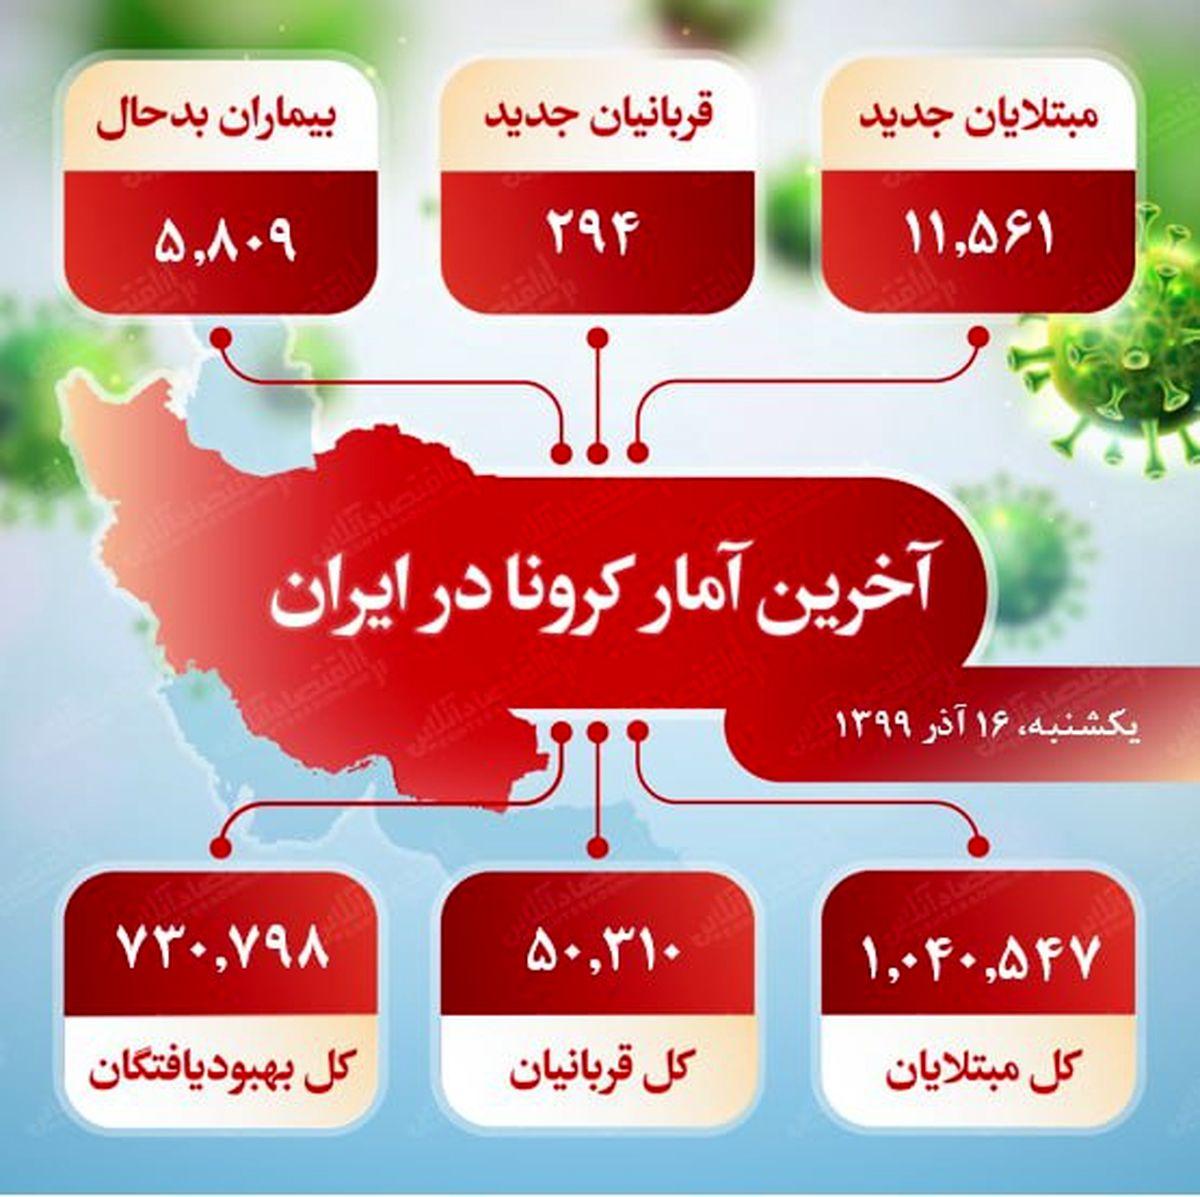 آخرین آمار کرونا در ایران (۹۹/۹/۱۶)